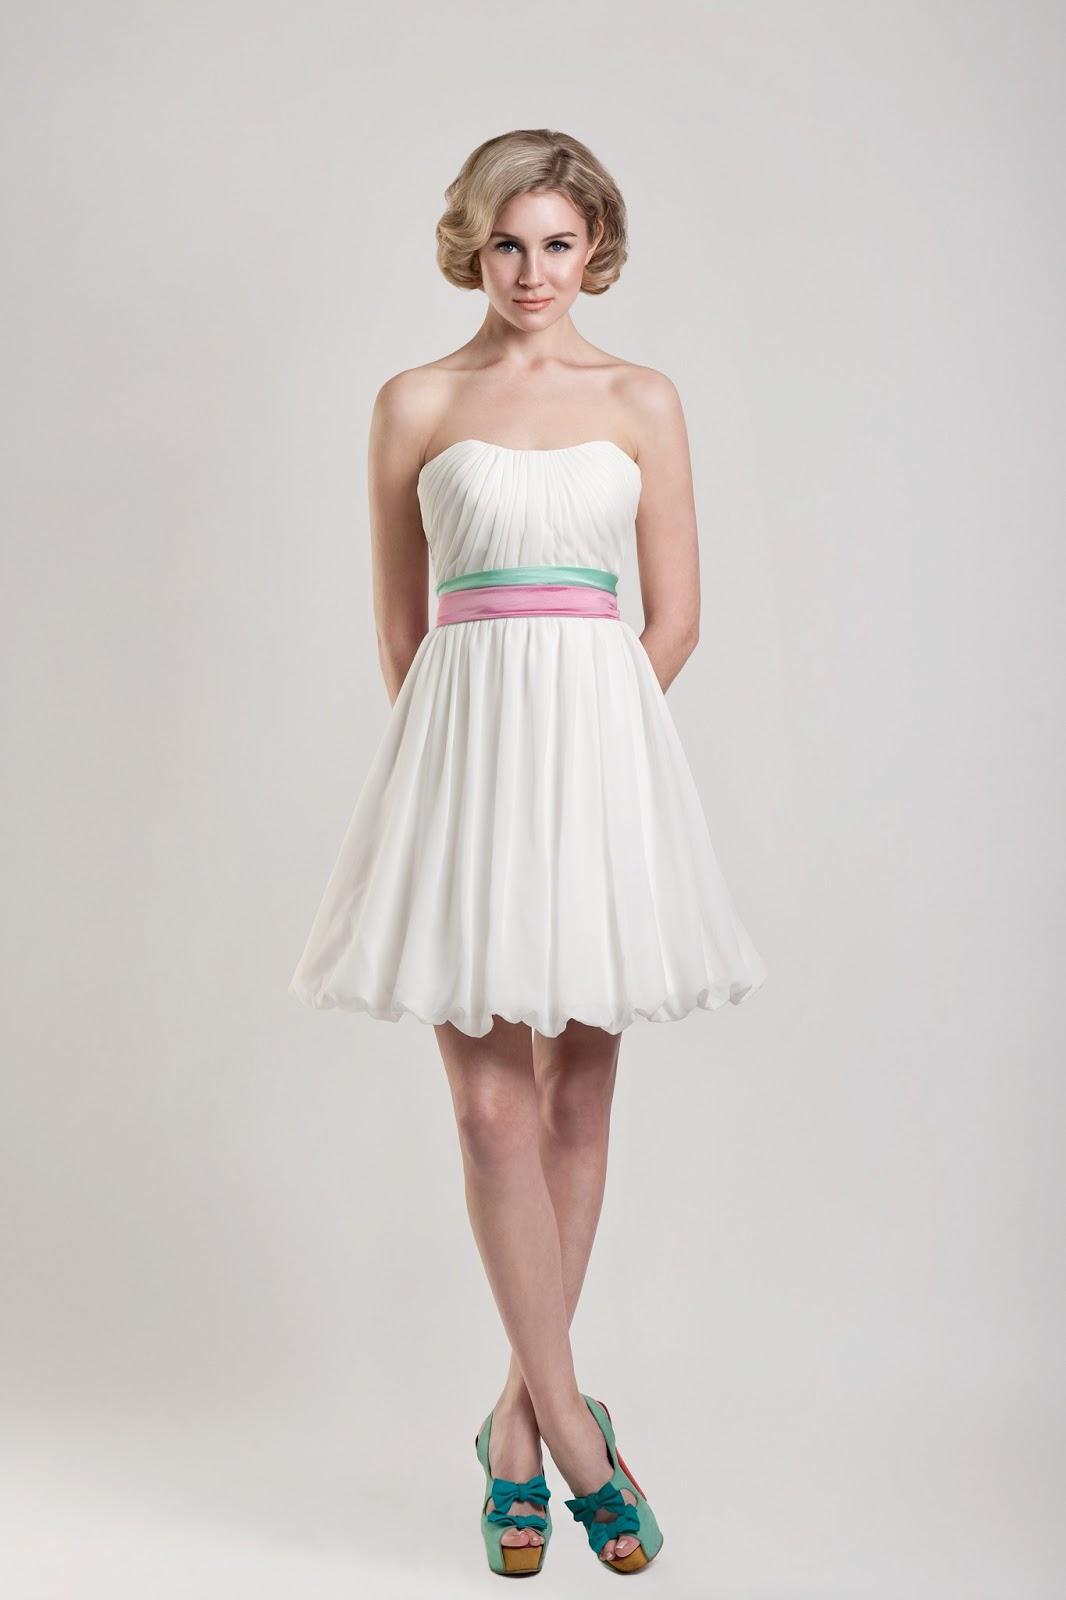 5 cute short wedding dresses for summer white casual wedding dresses 5 Cute Short Wedding Dresses for Summer Casual Weddings